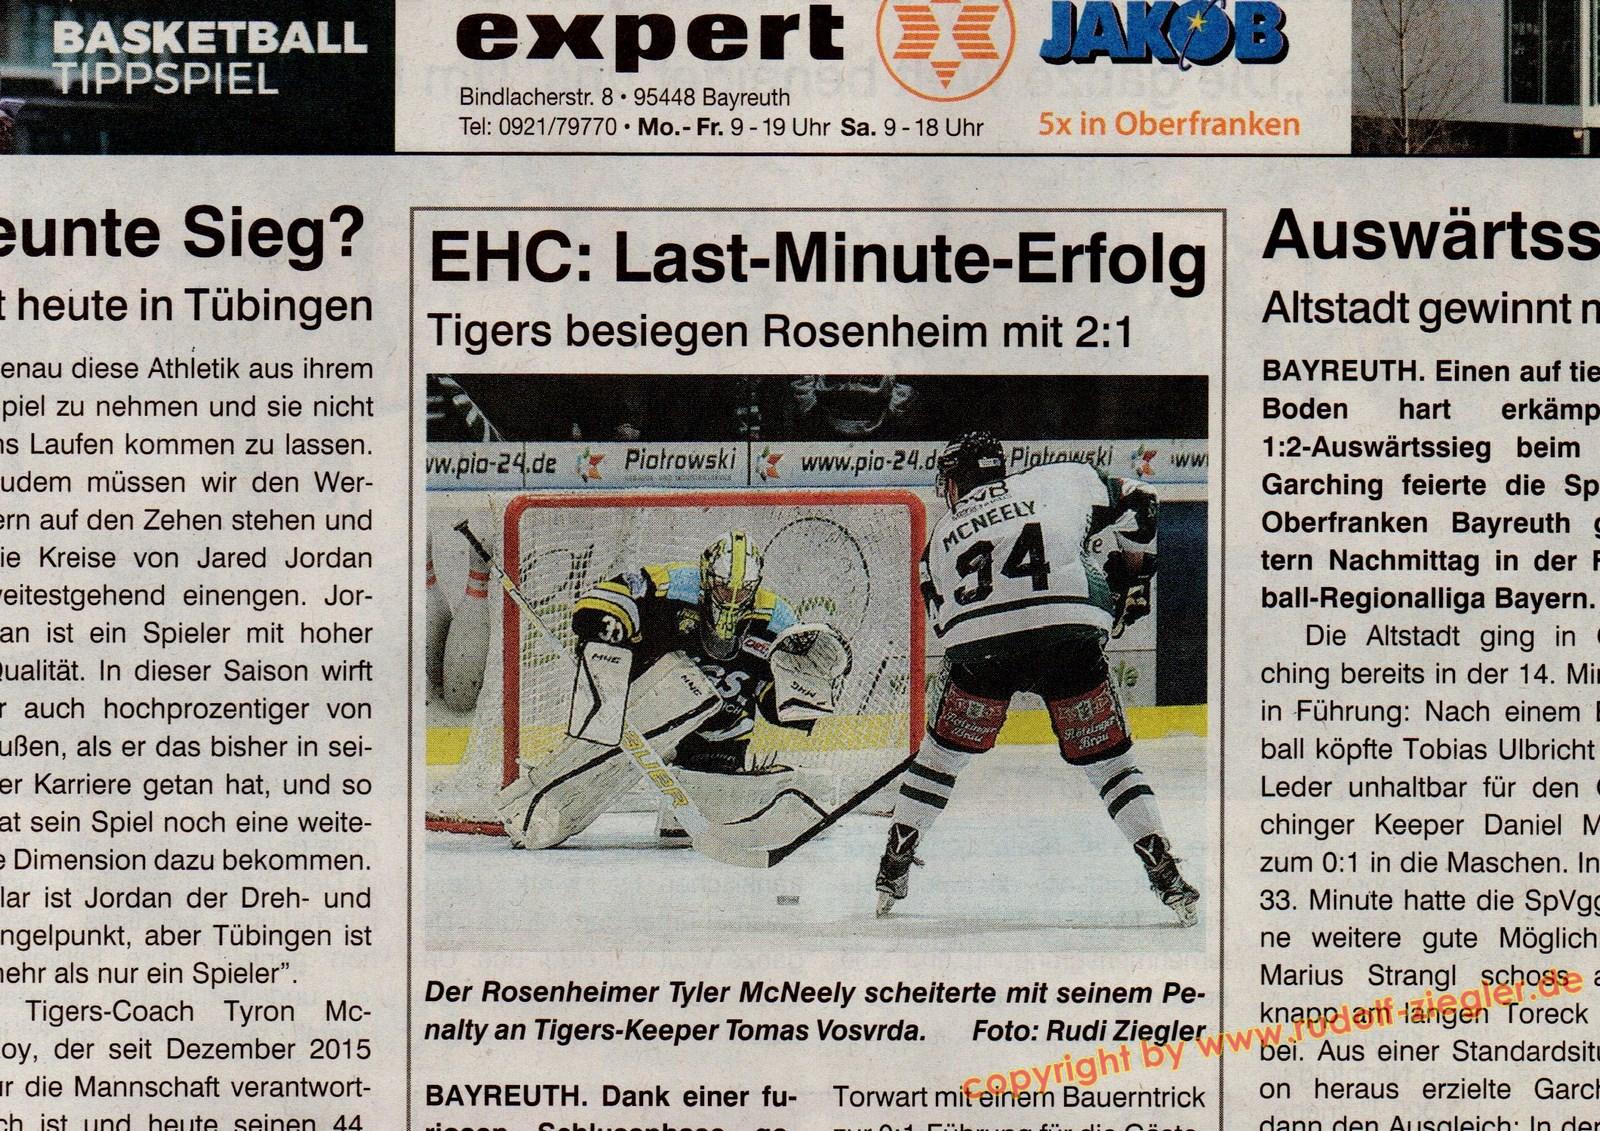 Bayreuther Sonntagszeitung 2016-11-20-Bearb (1600x1200)